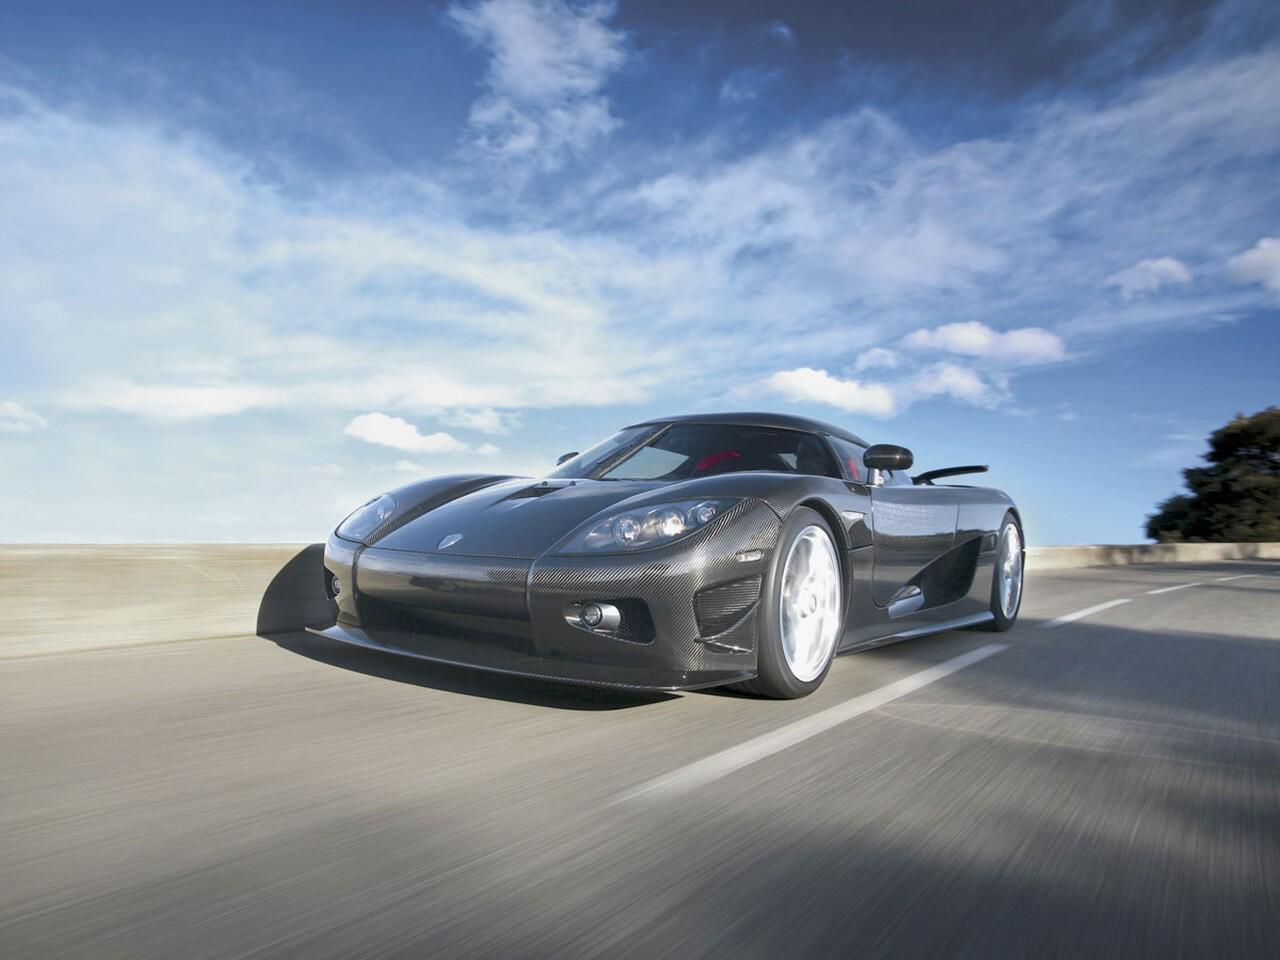 Bild zu Platz 5: Die Koenigsegg CCXR Edition läuft bis zu 402 km/h schnell